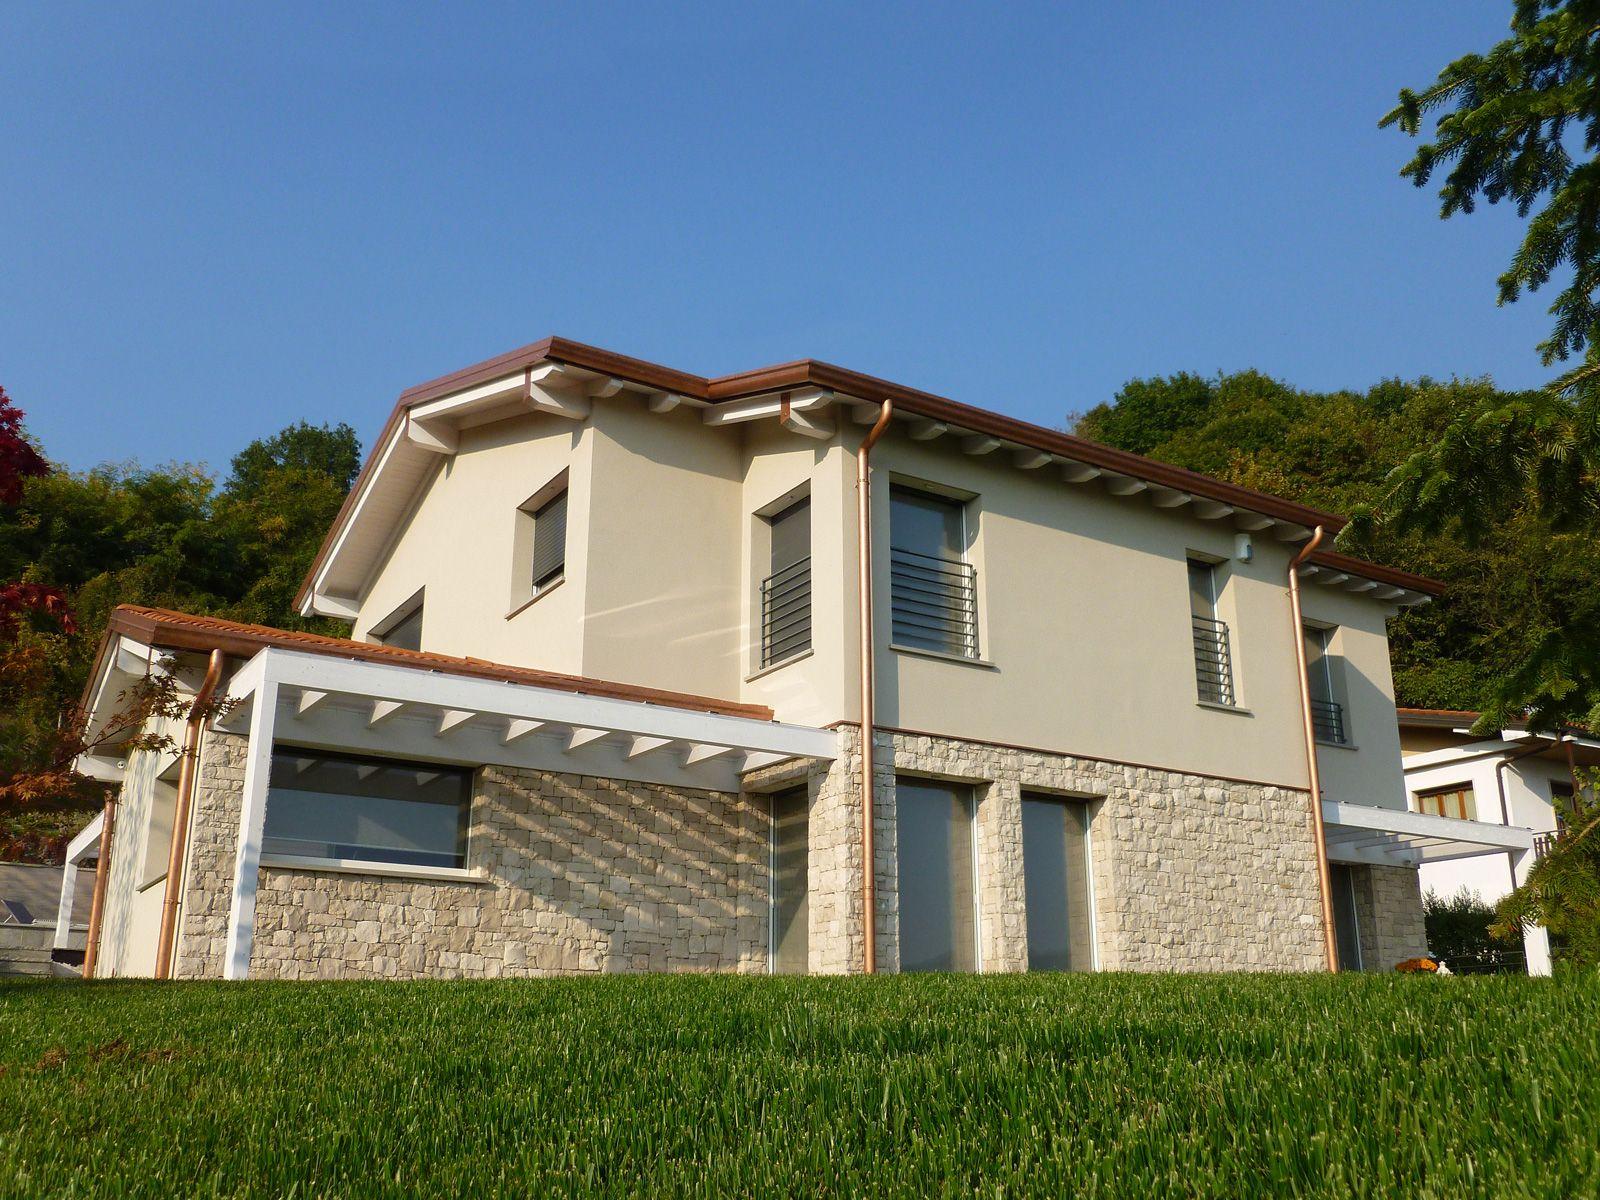 Villa in legno stile classico caprino bg nel 2019 for Tipi di abitazione